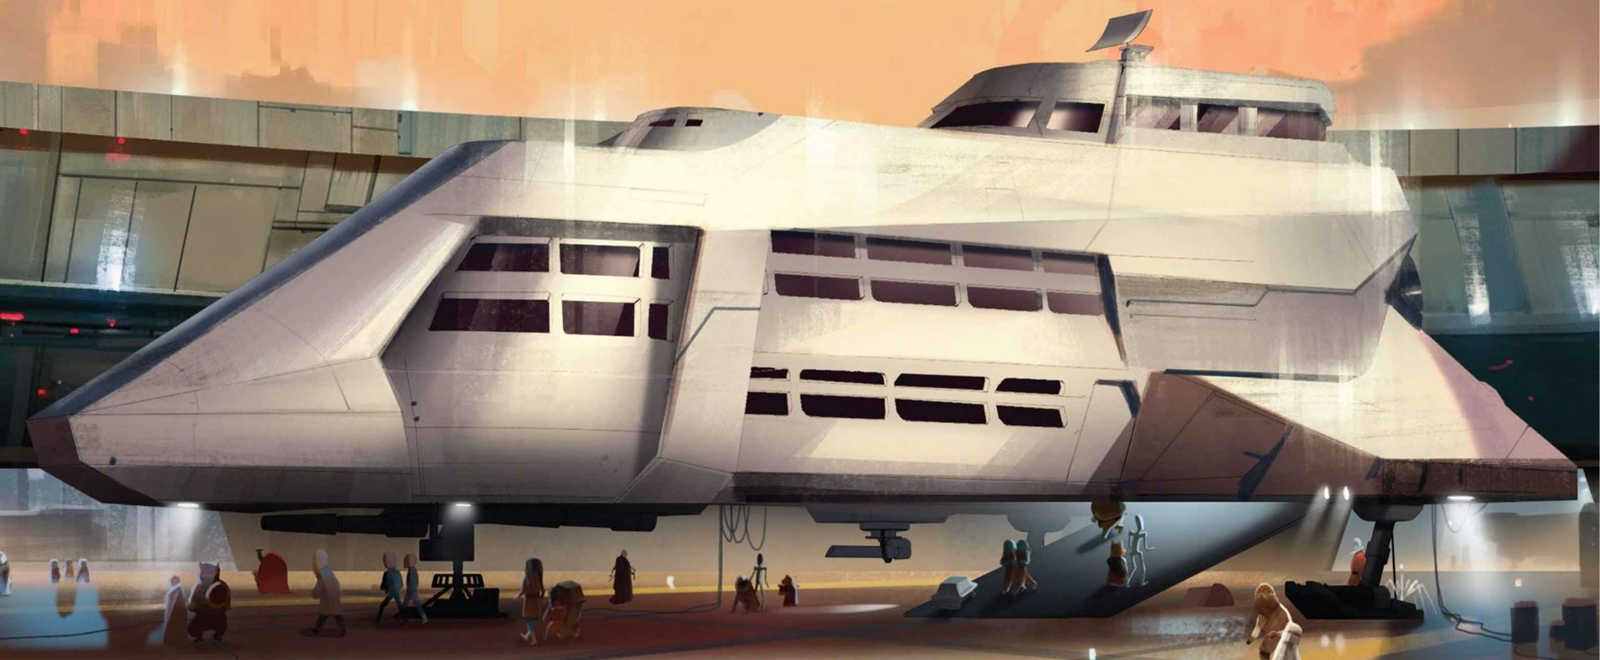 1550-LEX yacht